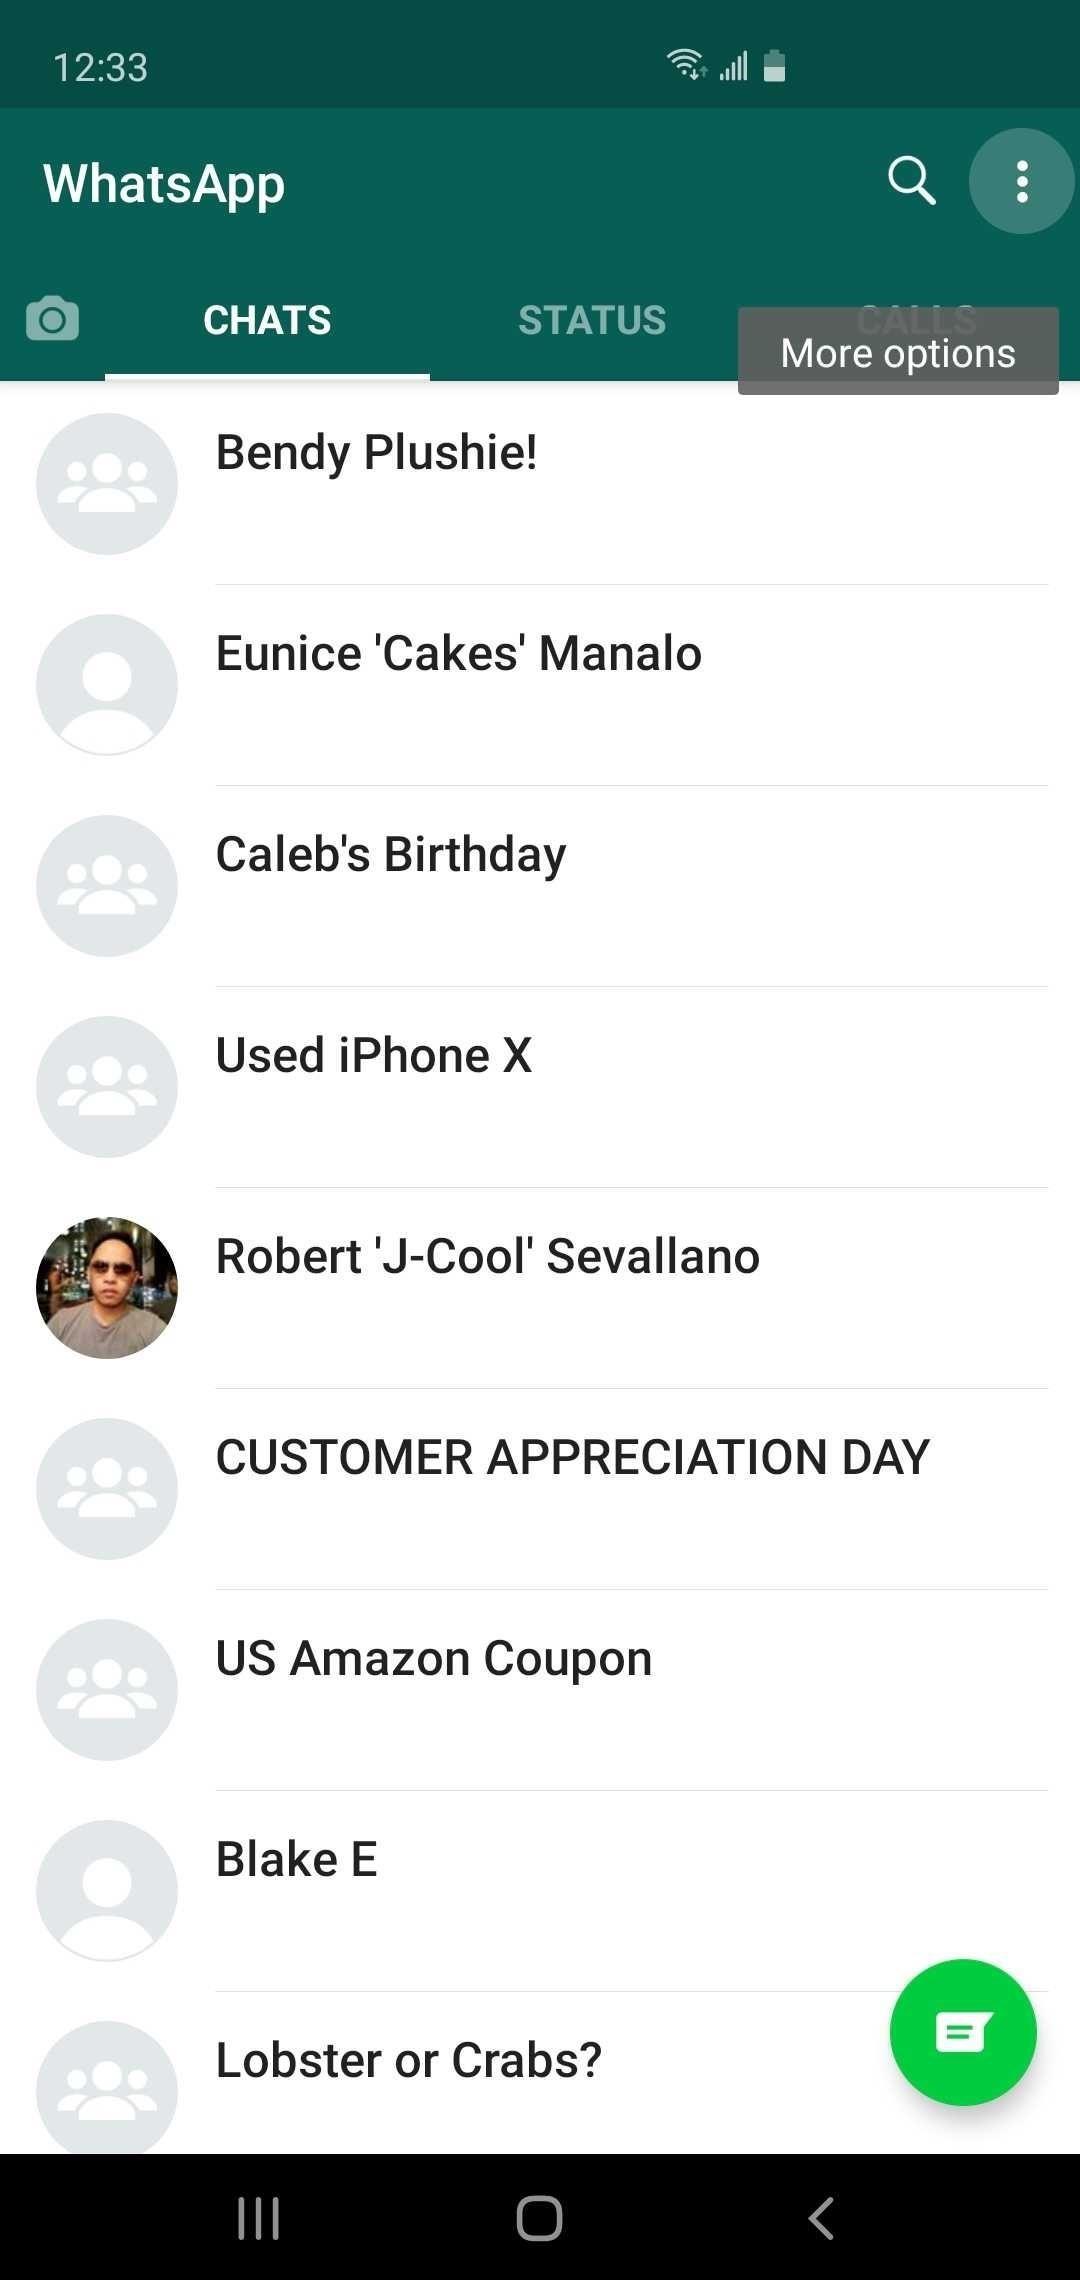 Teraz môžete získať nový oficiálny tmavý režim WhatsApp v systéme Android hneď teraz. Android: Gadget Hacks